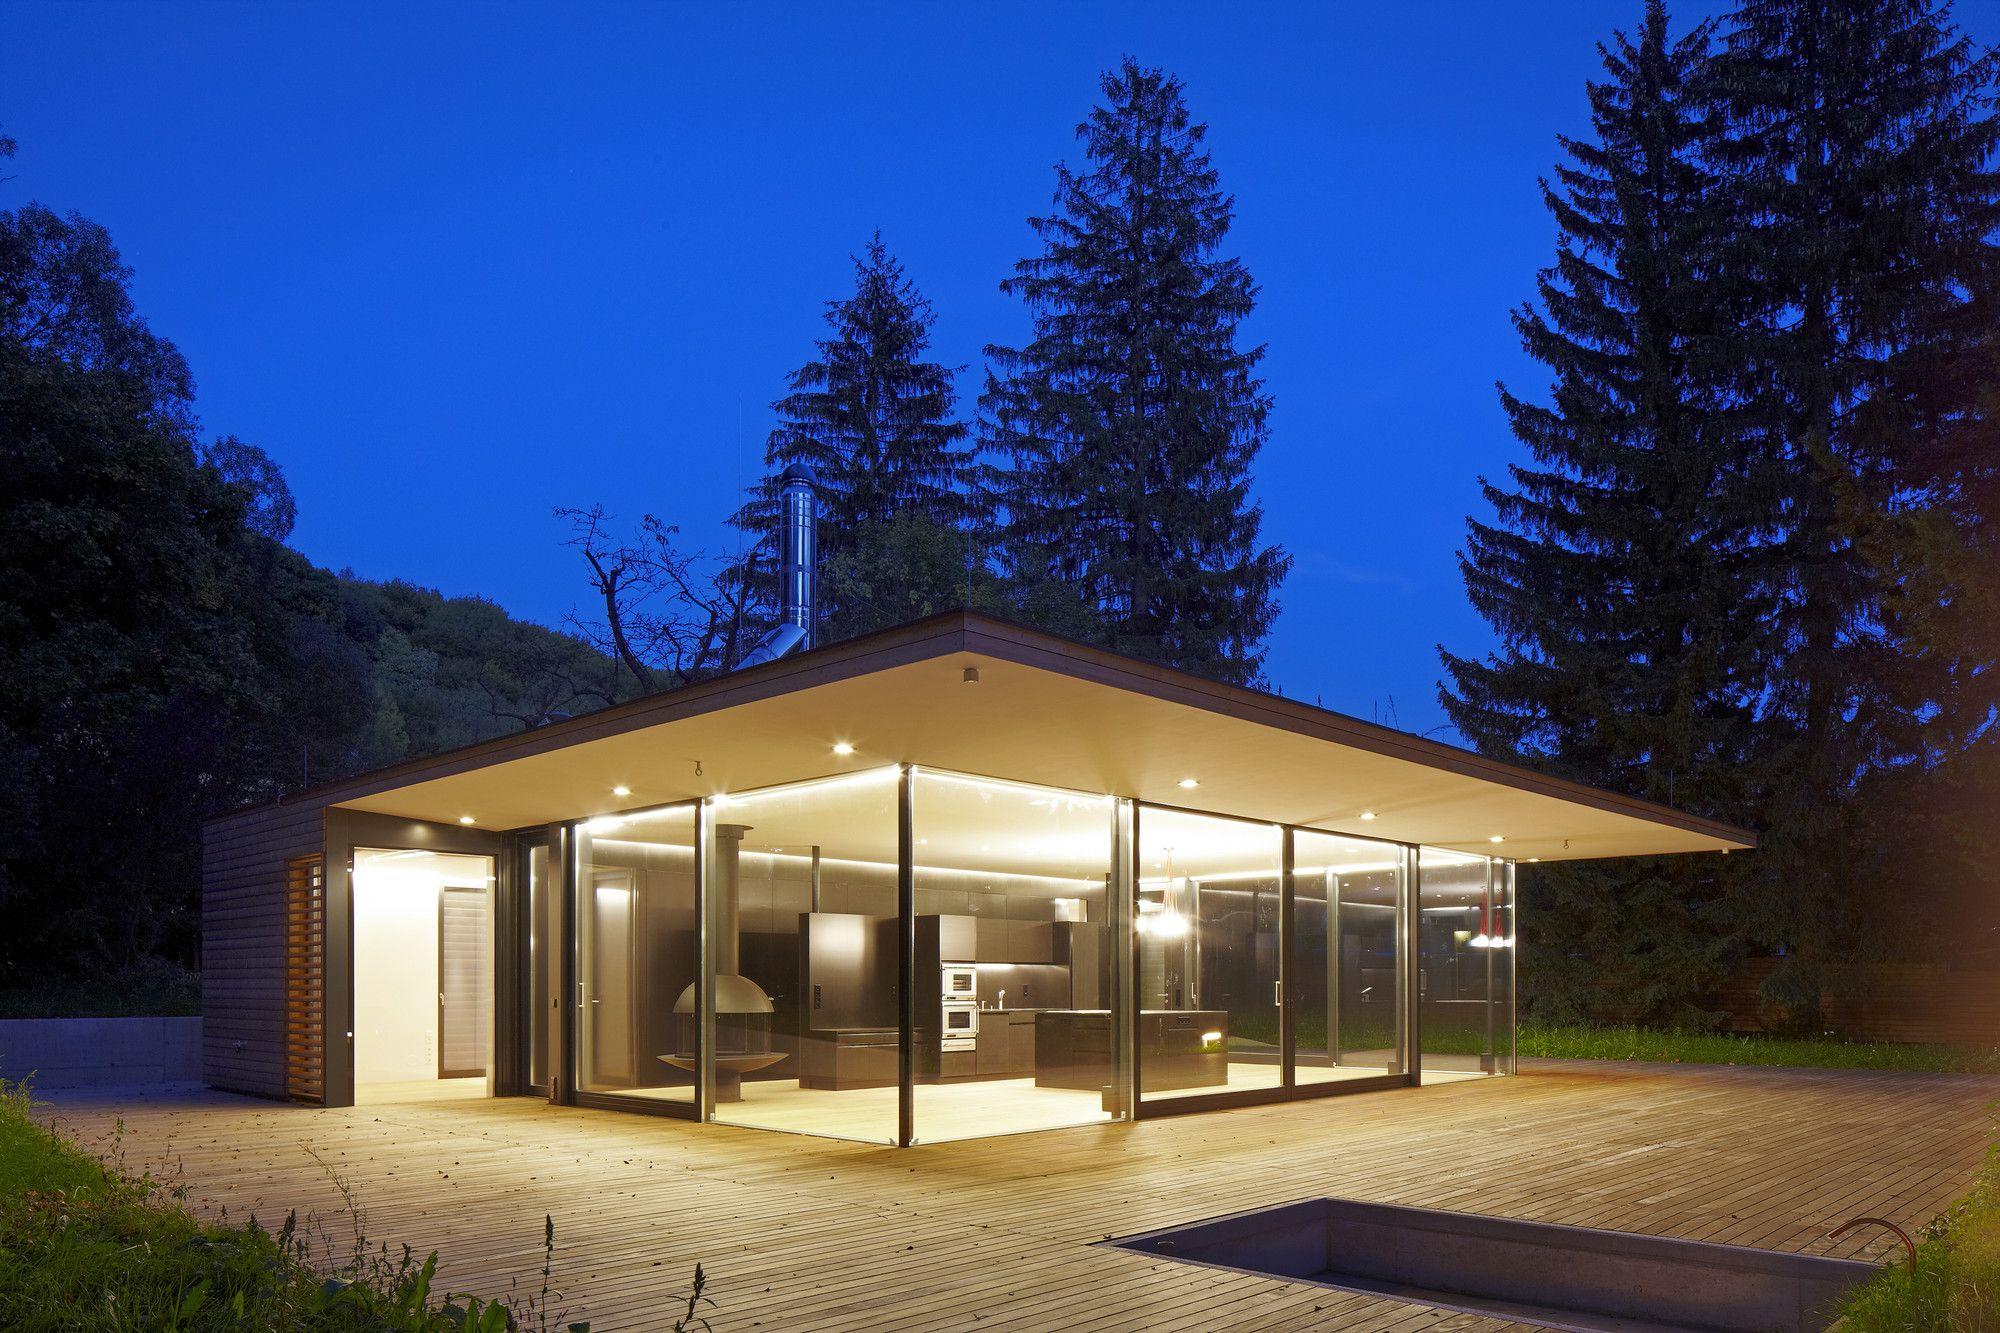 Innenarchitektur wohnzimmer grundrisse gallery of haus hainbach  moosmann    huse  pinterest  haus